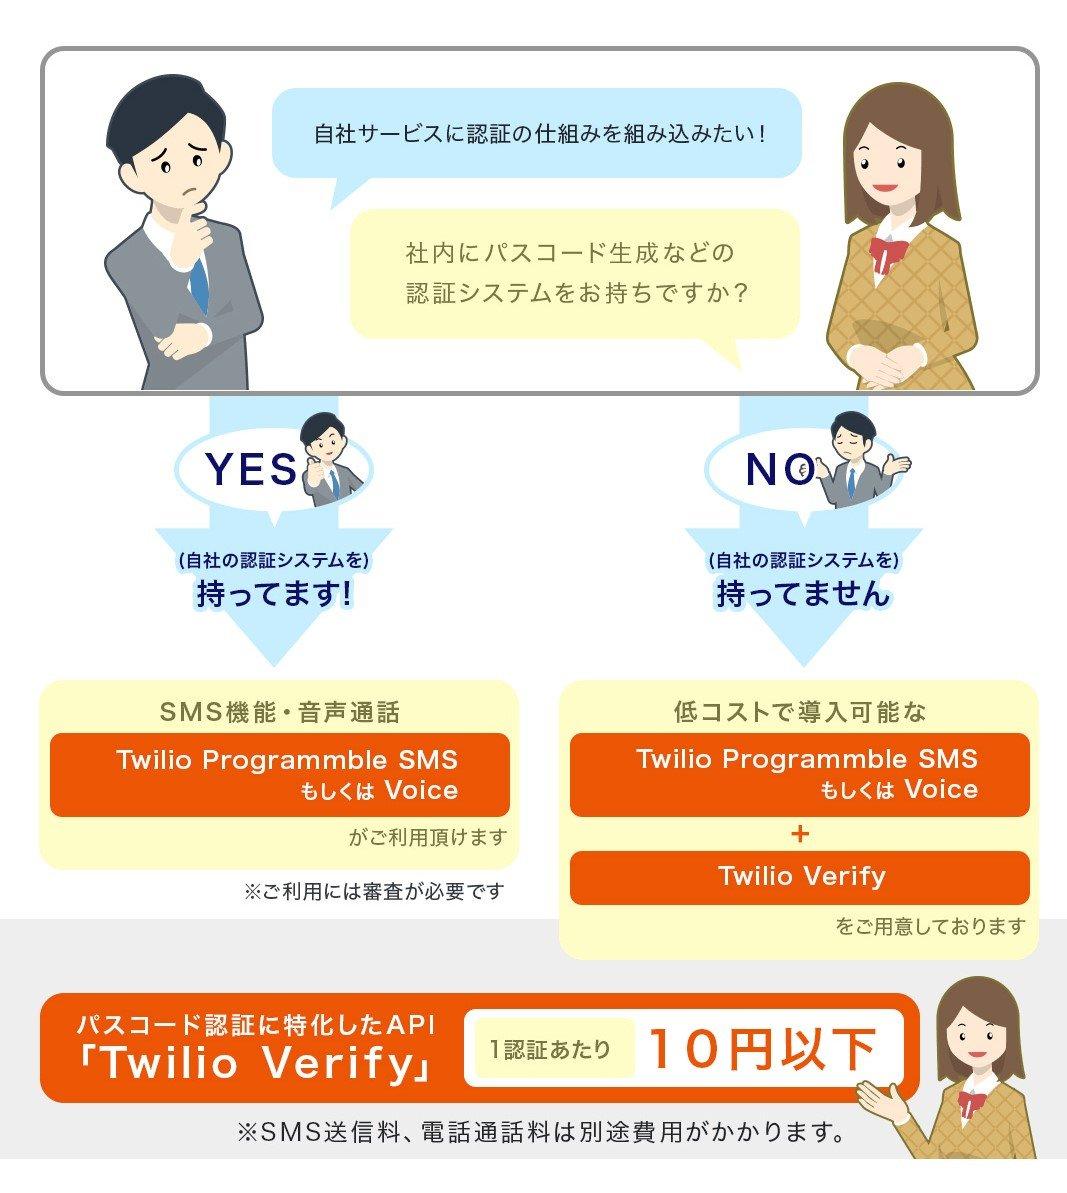 自社の認証システムを持っている場合、Programmble SMSもしくはVoiceがご利用いただけます(ご利用には審査が必要です)。自社の認証システムを持っていない場合、Programmable SMSもしくはVoiceとTwilio Verifyをご用意しております。パスコード認証に特化したAPI「Twilio Verify」は1認証あたり10円以下(SMS送信料、電話通話料は別途費用がかかります)